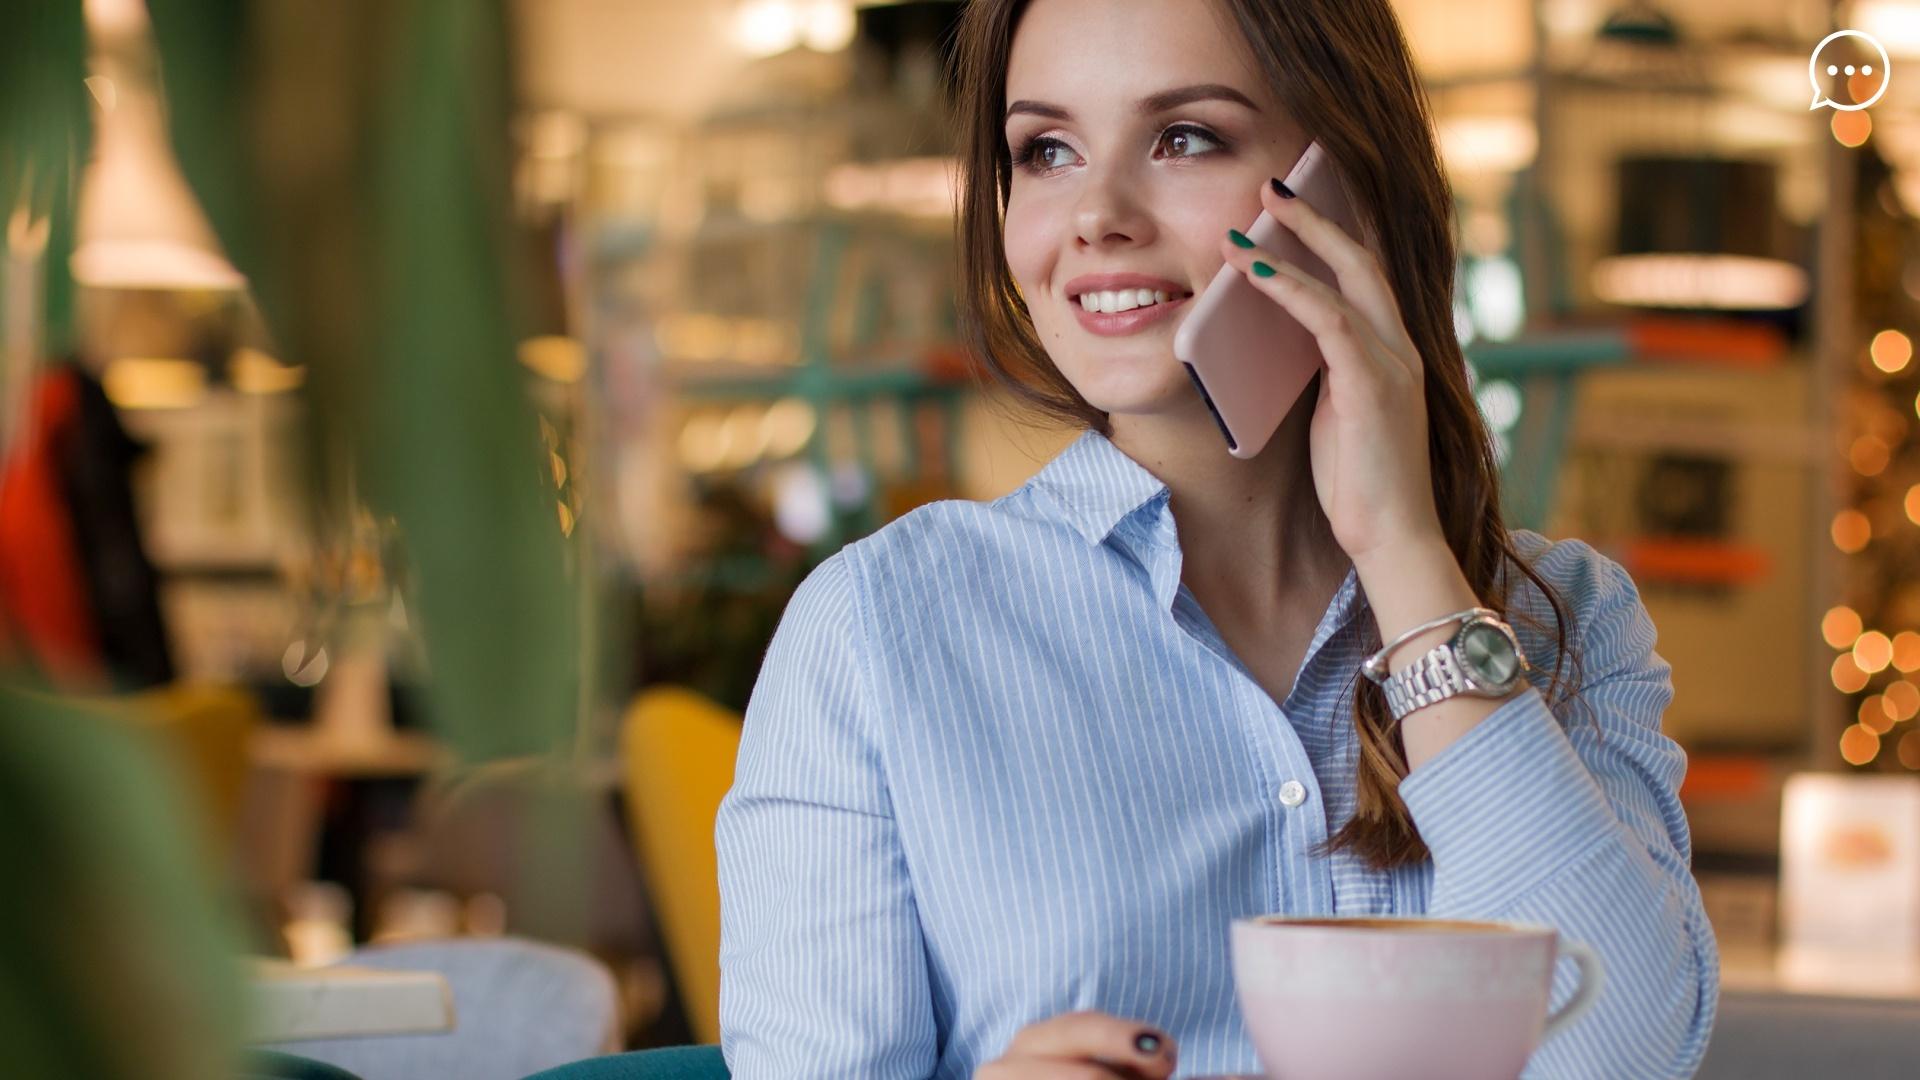 Call Back - garanta o retorno de todas as chamadas